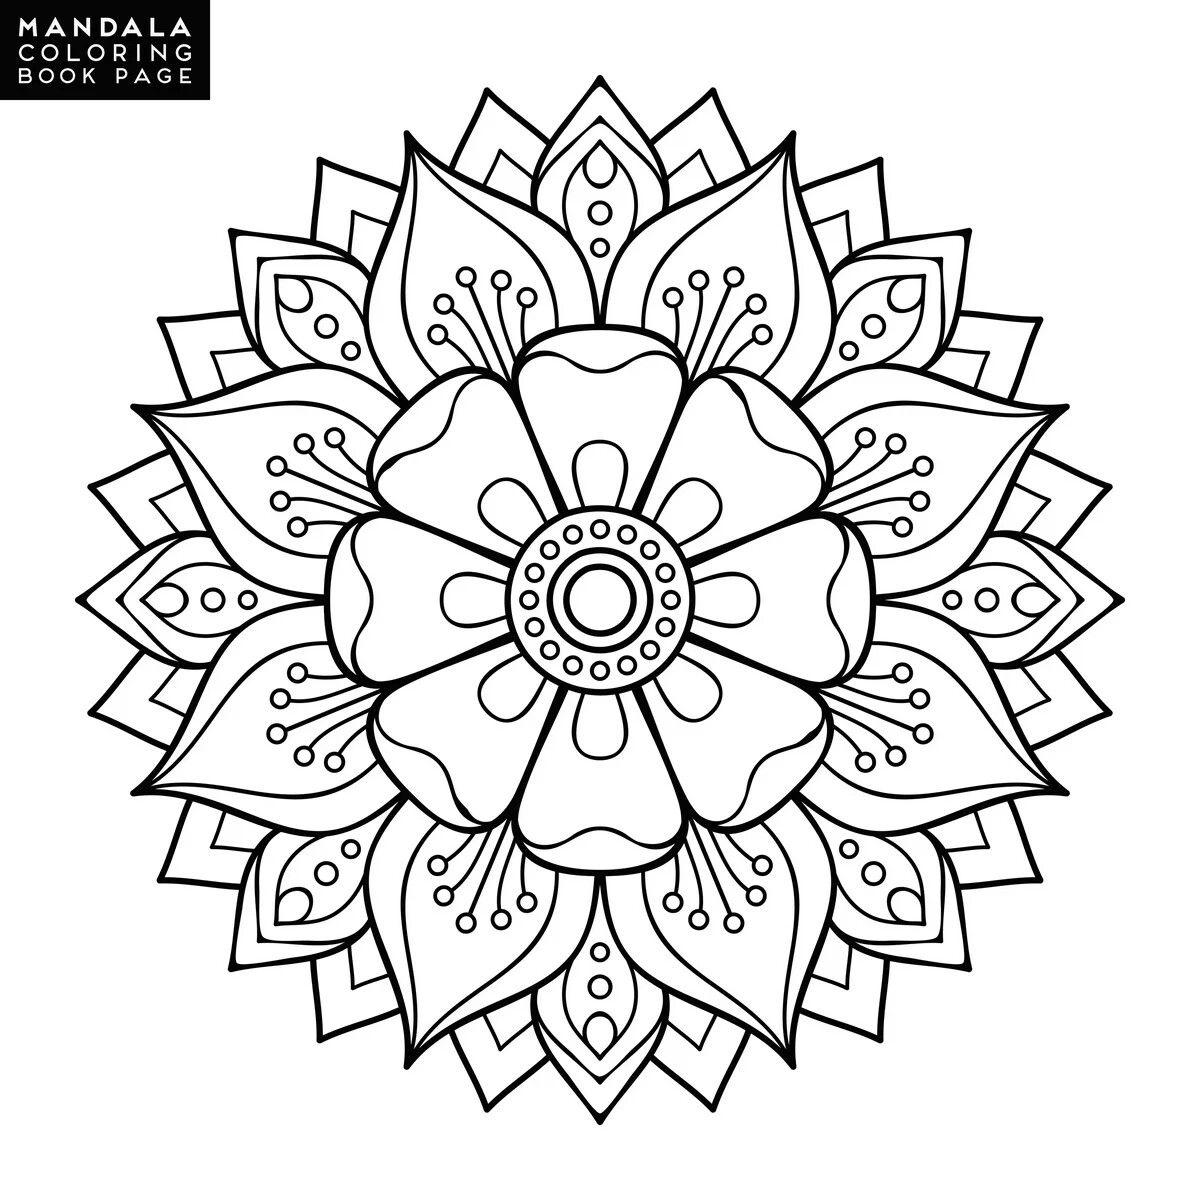 Pin Von Anel Gonzalez Auf Mandala Mandala Malvorlagen Ausmalen Ausmalbilder